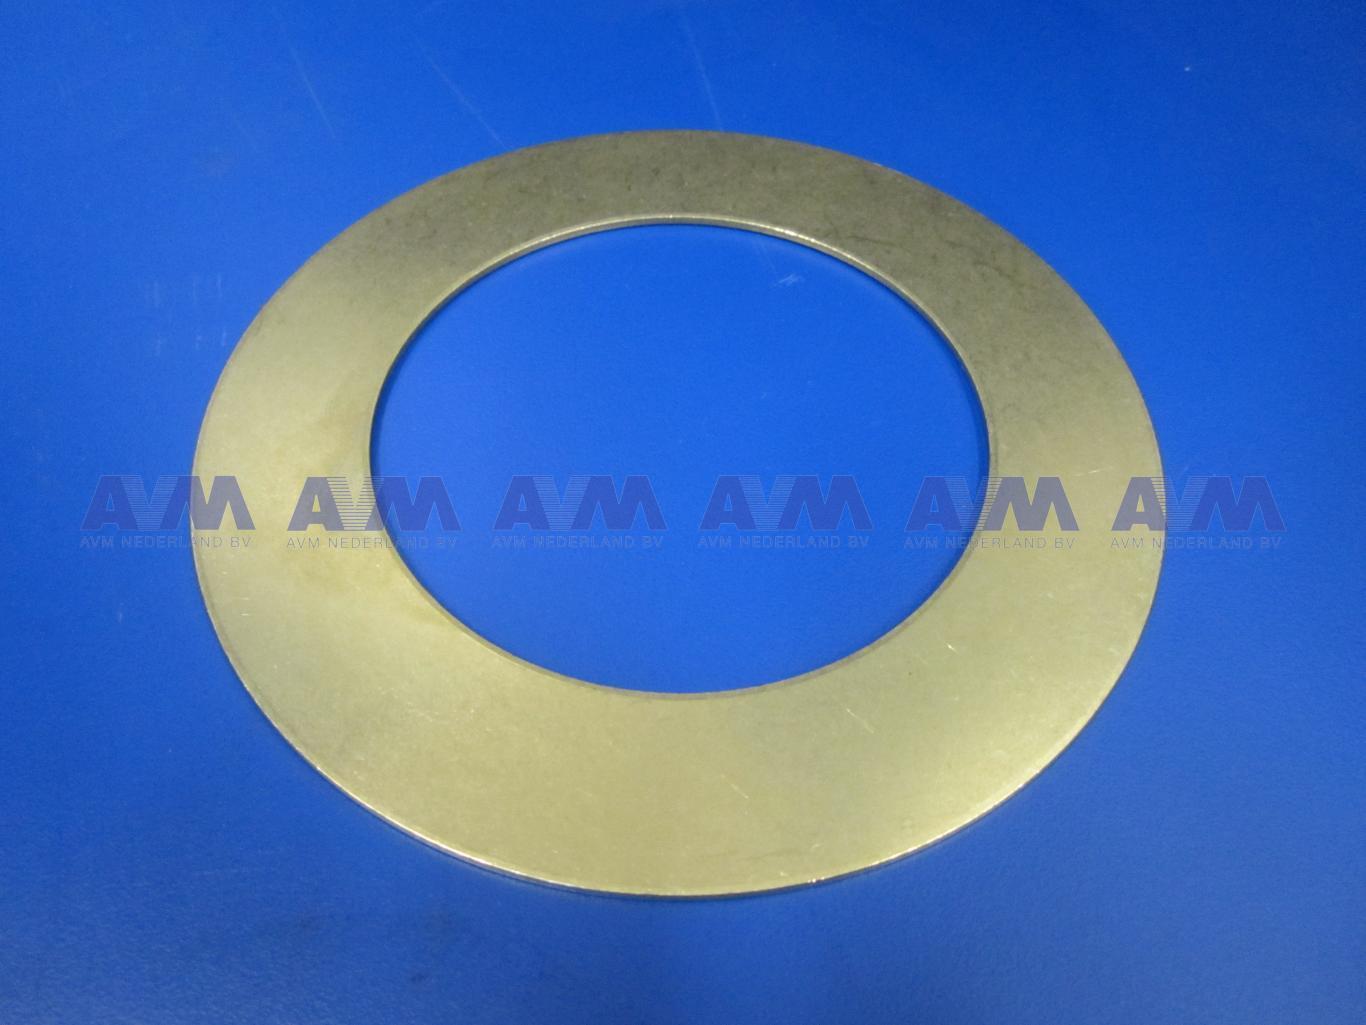 Schijf brons gebruikt 109.2886.4 Kessler